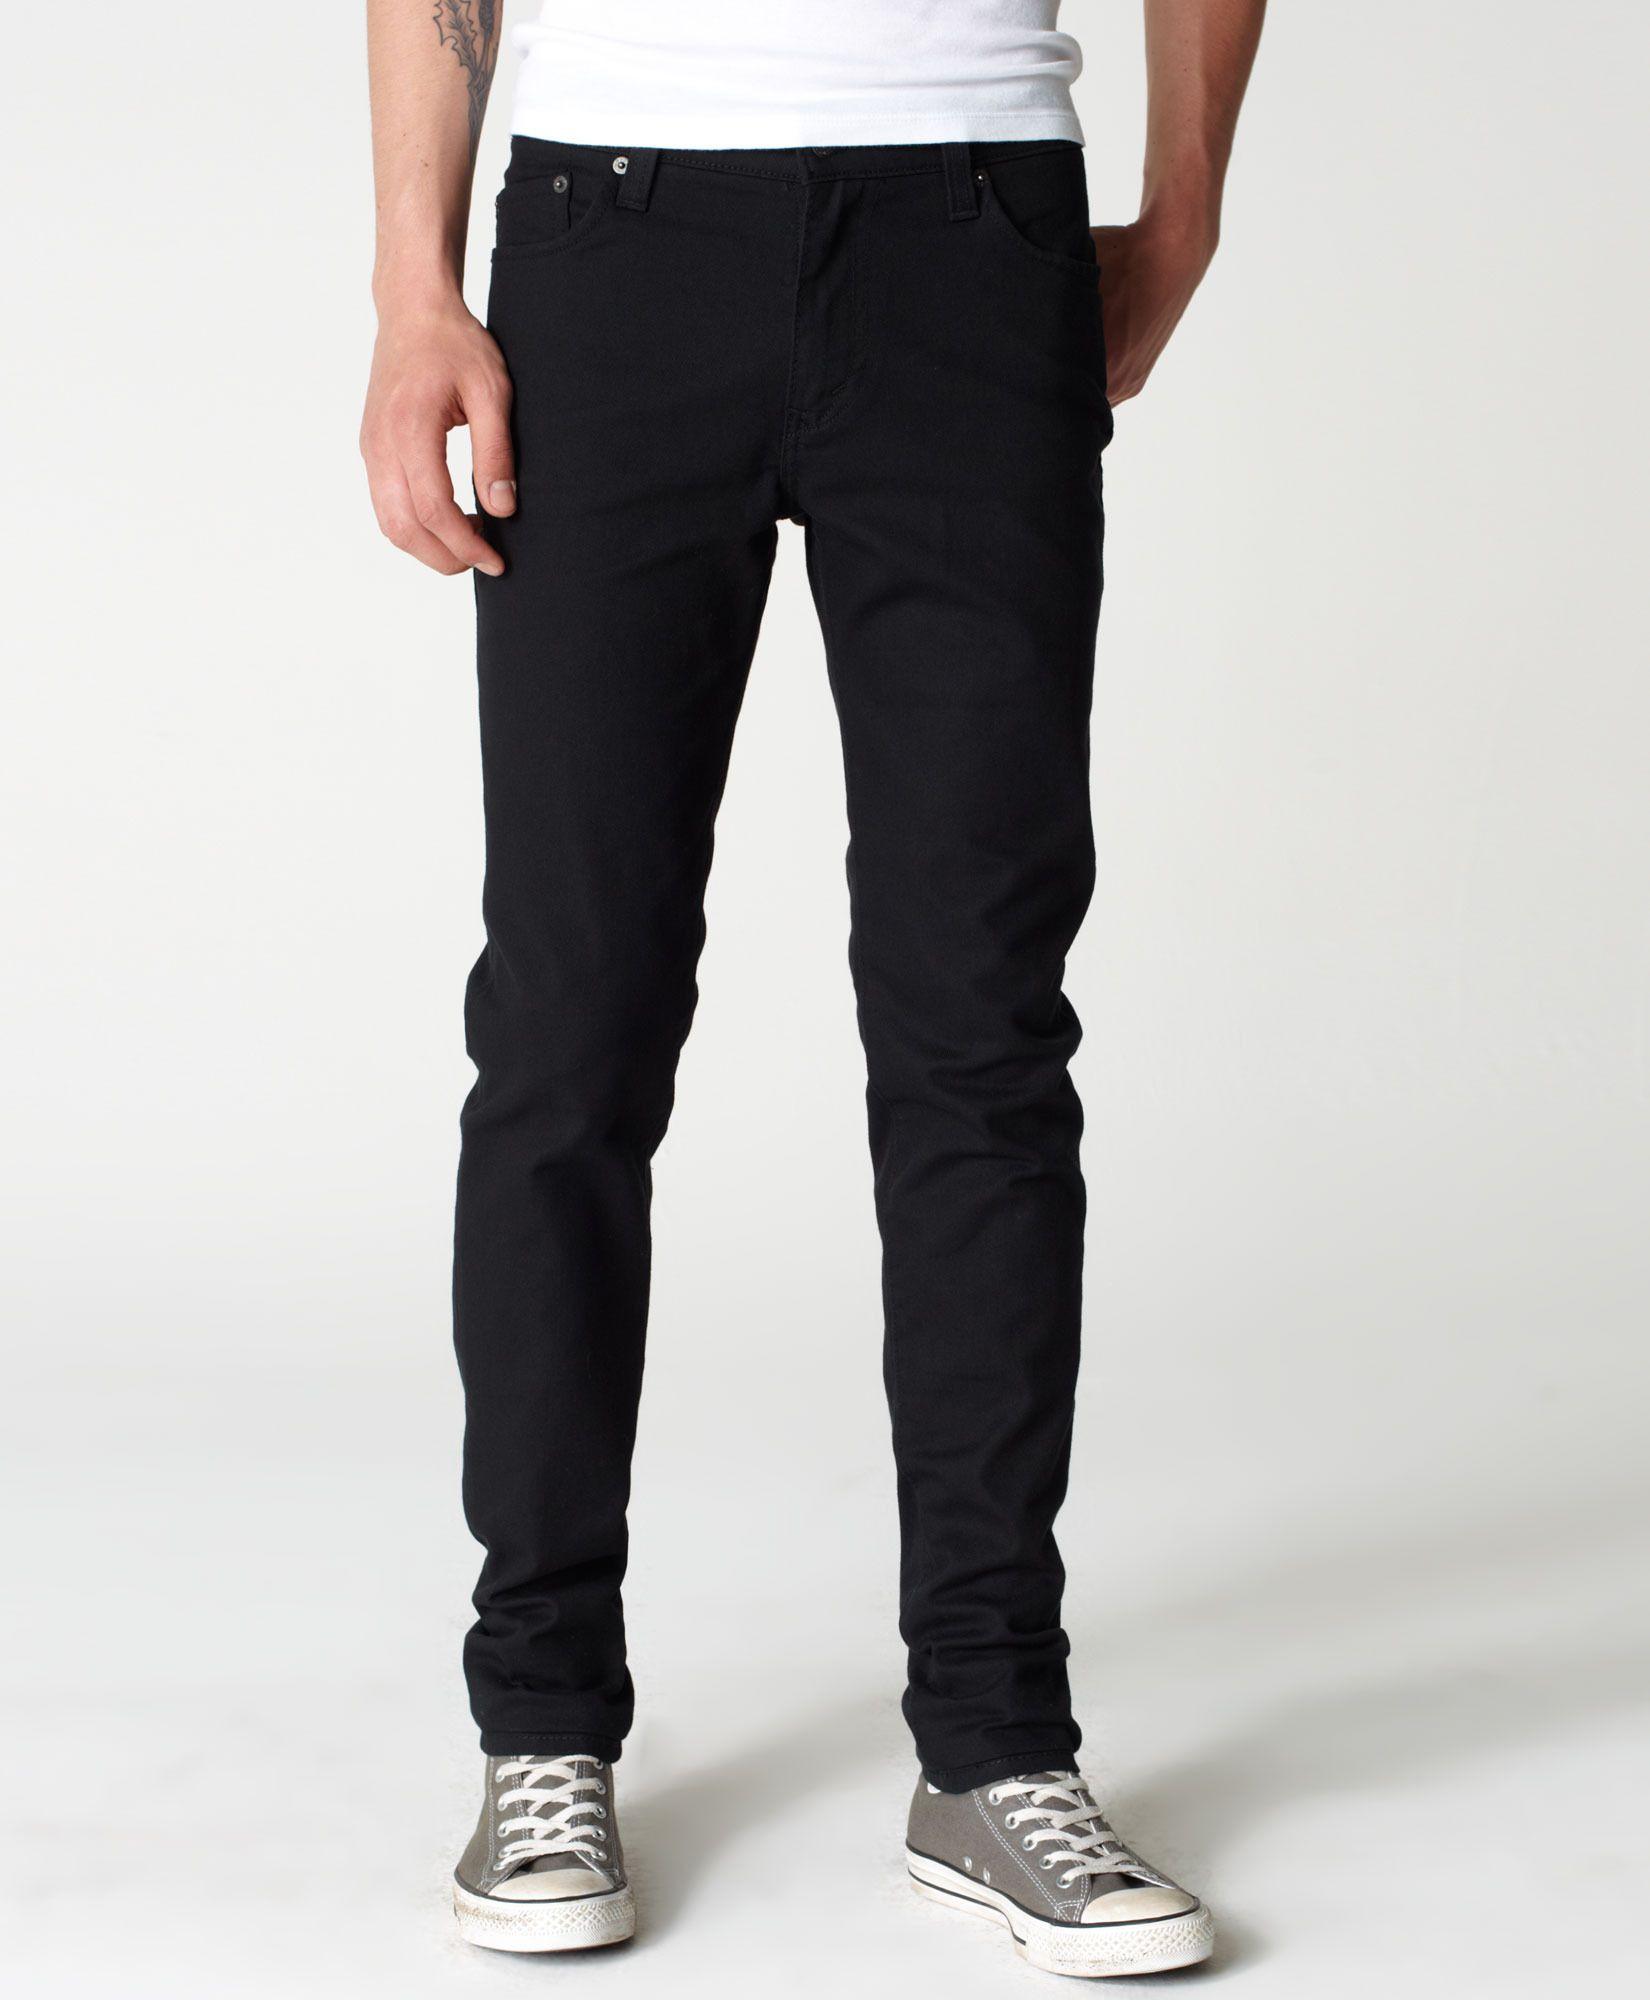 a7d381af050 Levi s 510™ Skinny Fit Jeans - Jet - Jeans